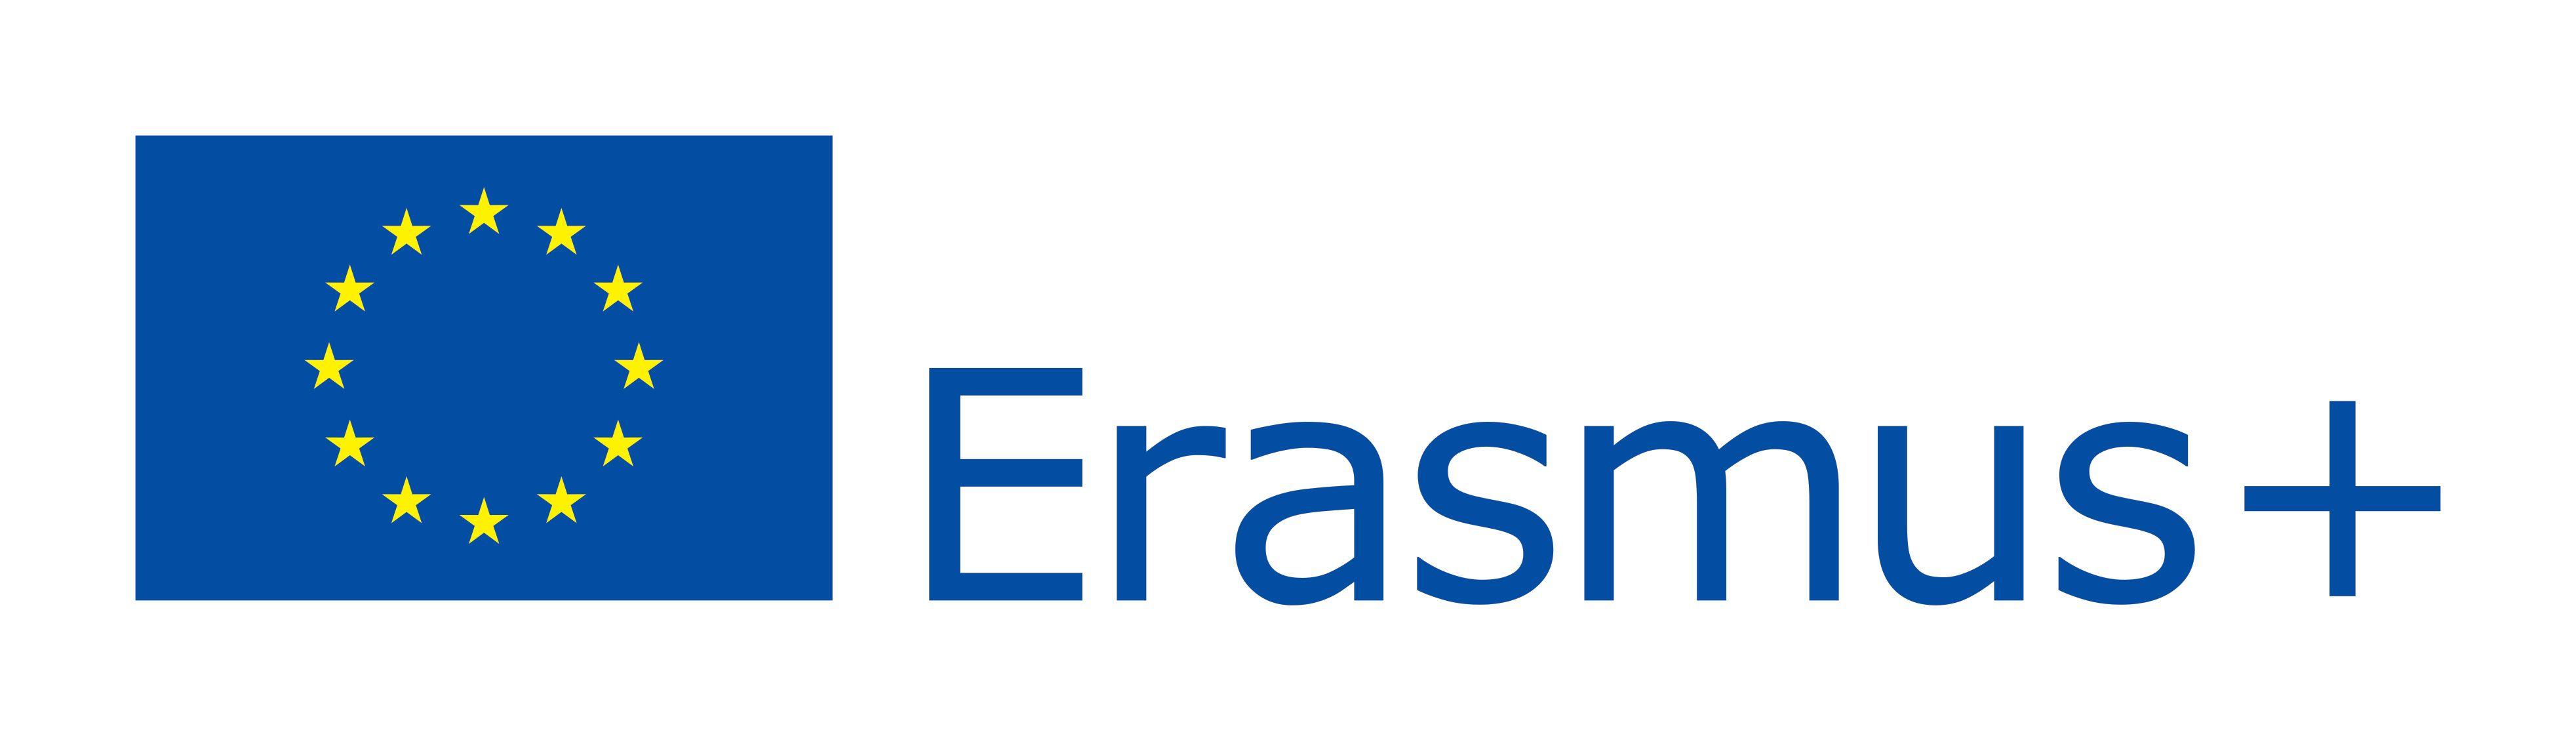 Erasmus Konsorsiyum Yeni Dönem Ortaklığımız Kabul Edildi !!